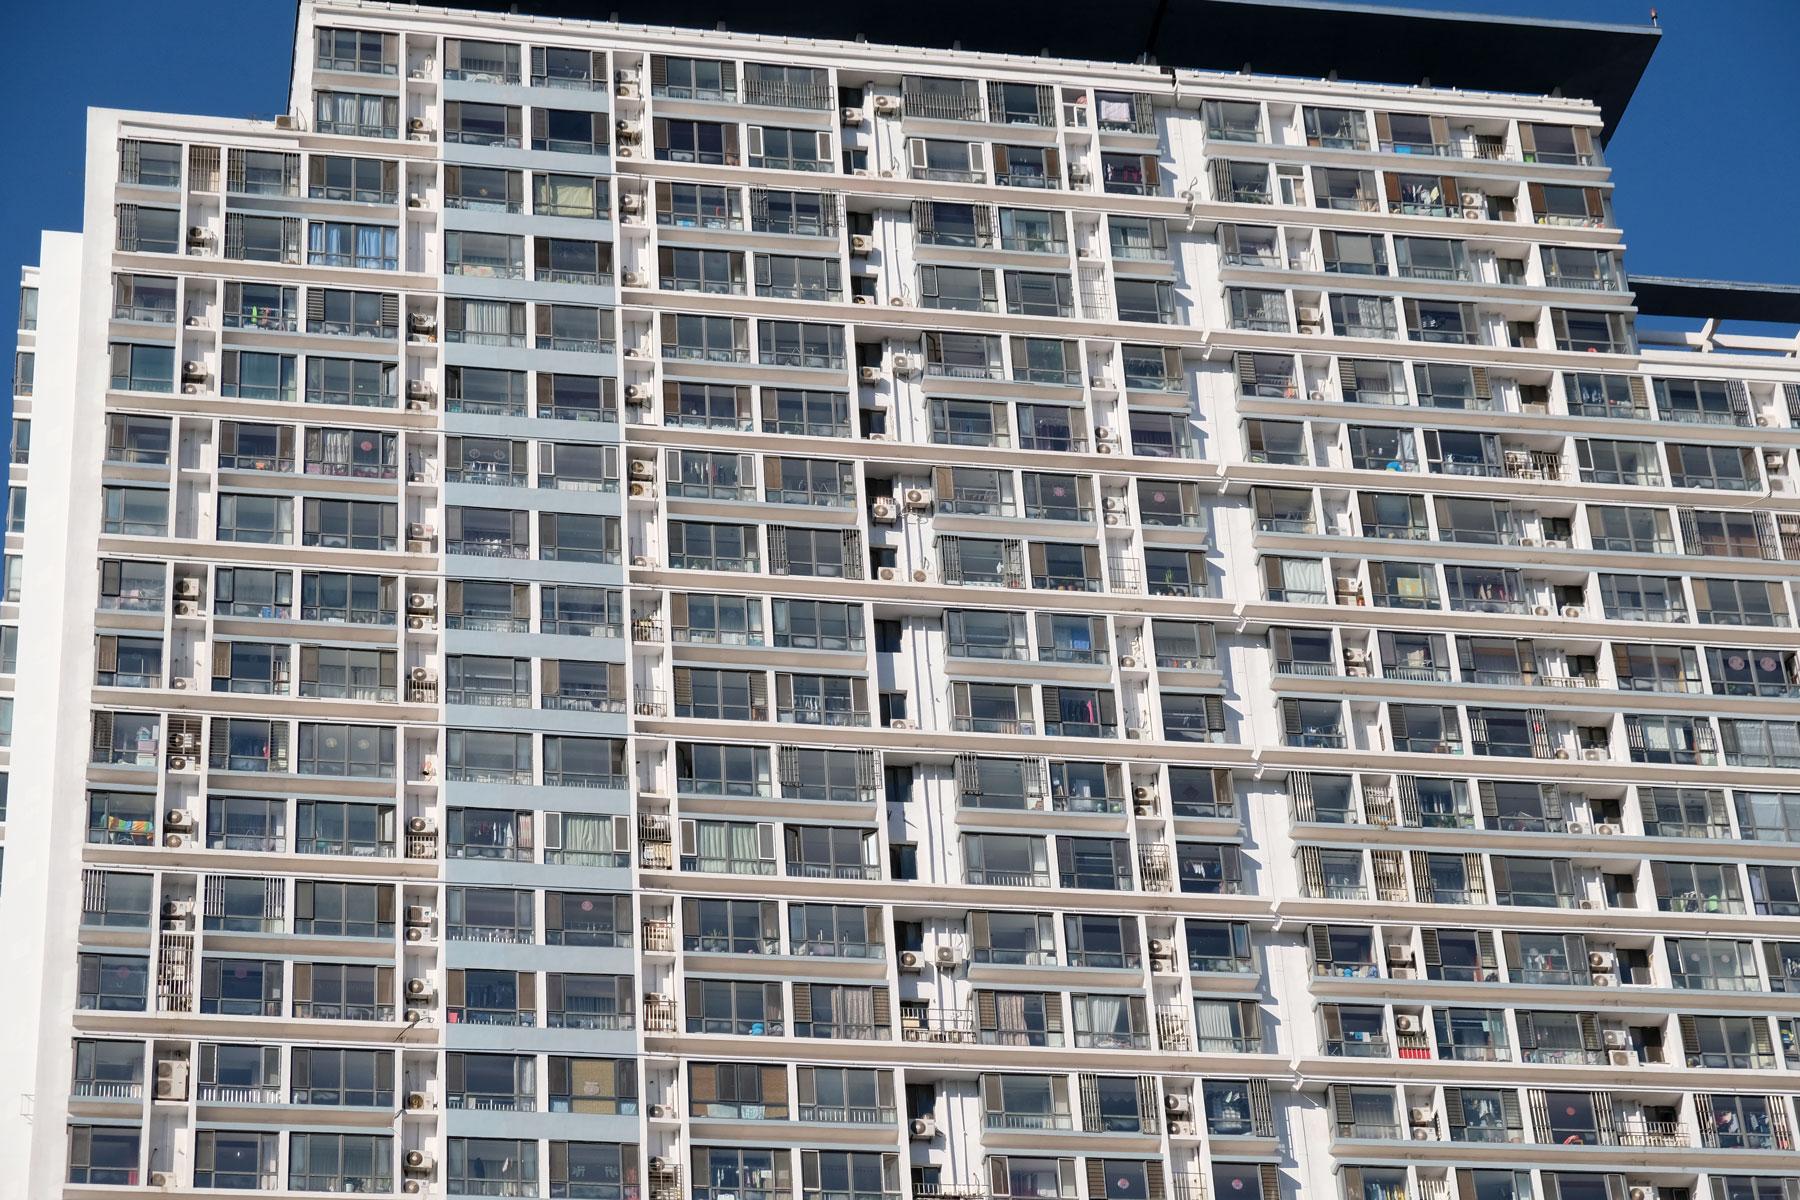 Die Fensterfassade eines Hochhauses in Qingdao in China.